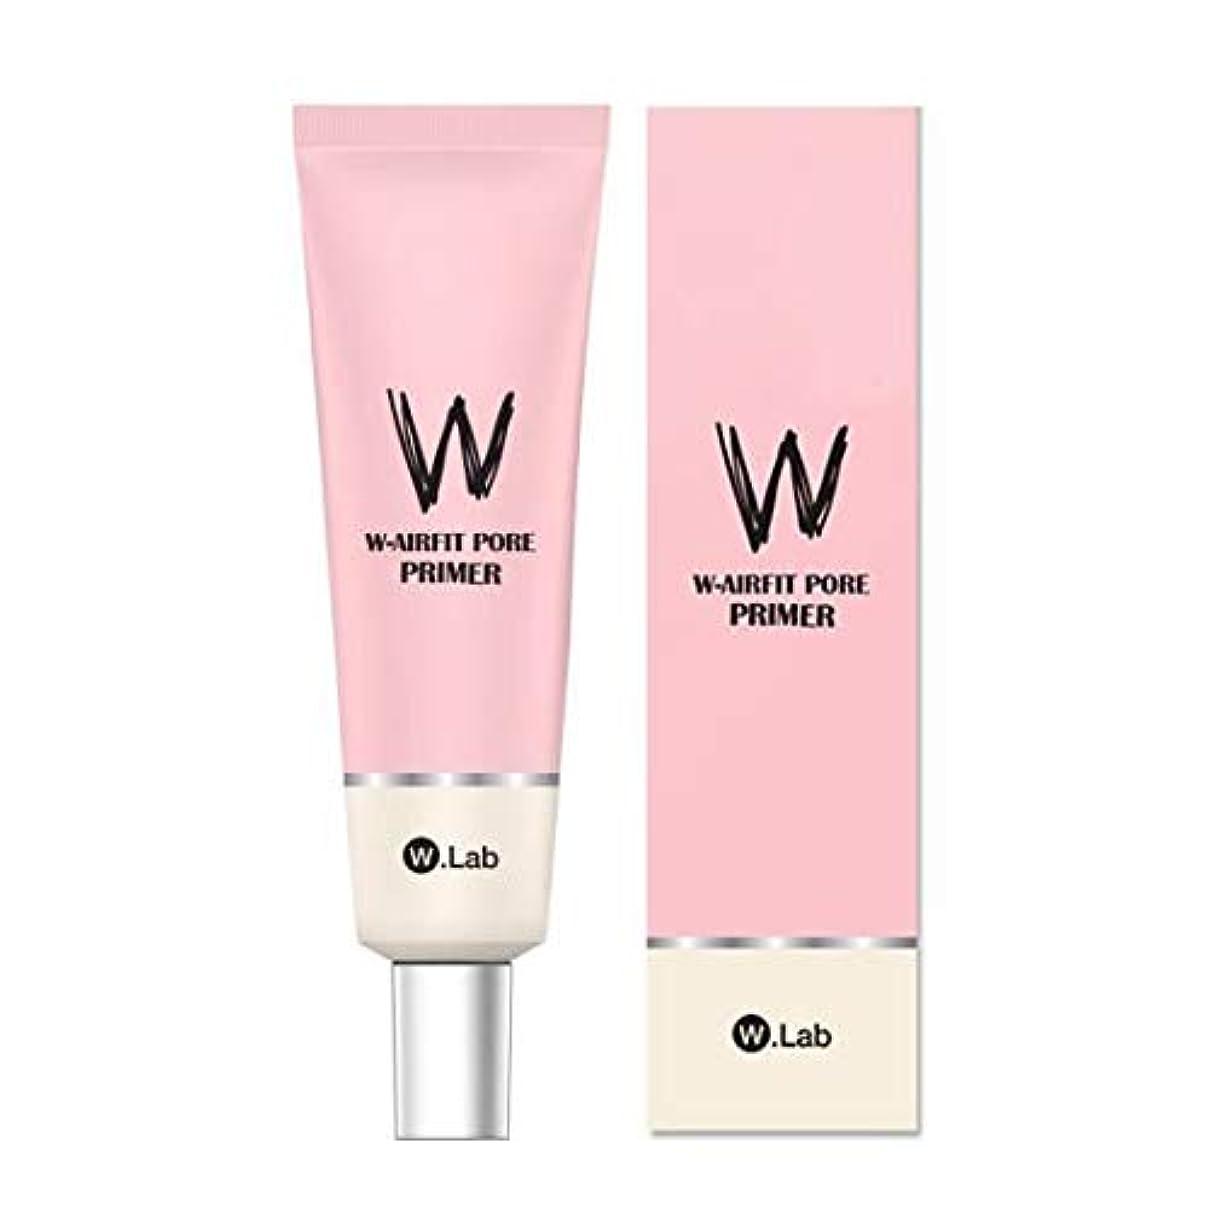 削減圧倒するハンバーガーW.Lab W-Airfit Pore Primer 35g [parallel import goods]